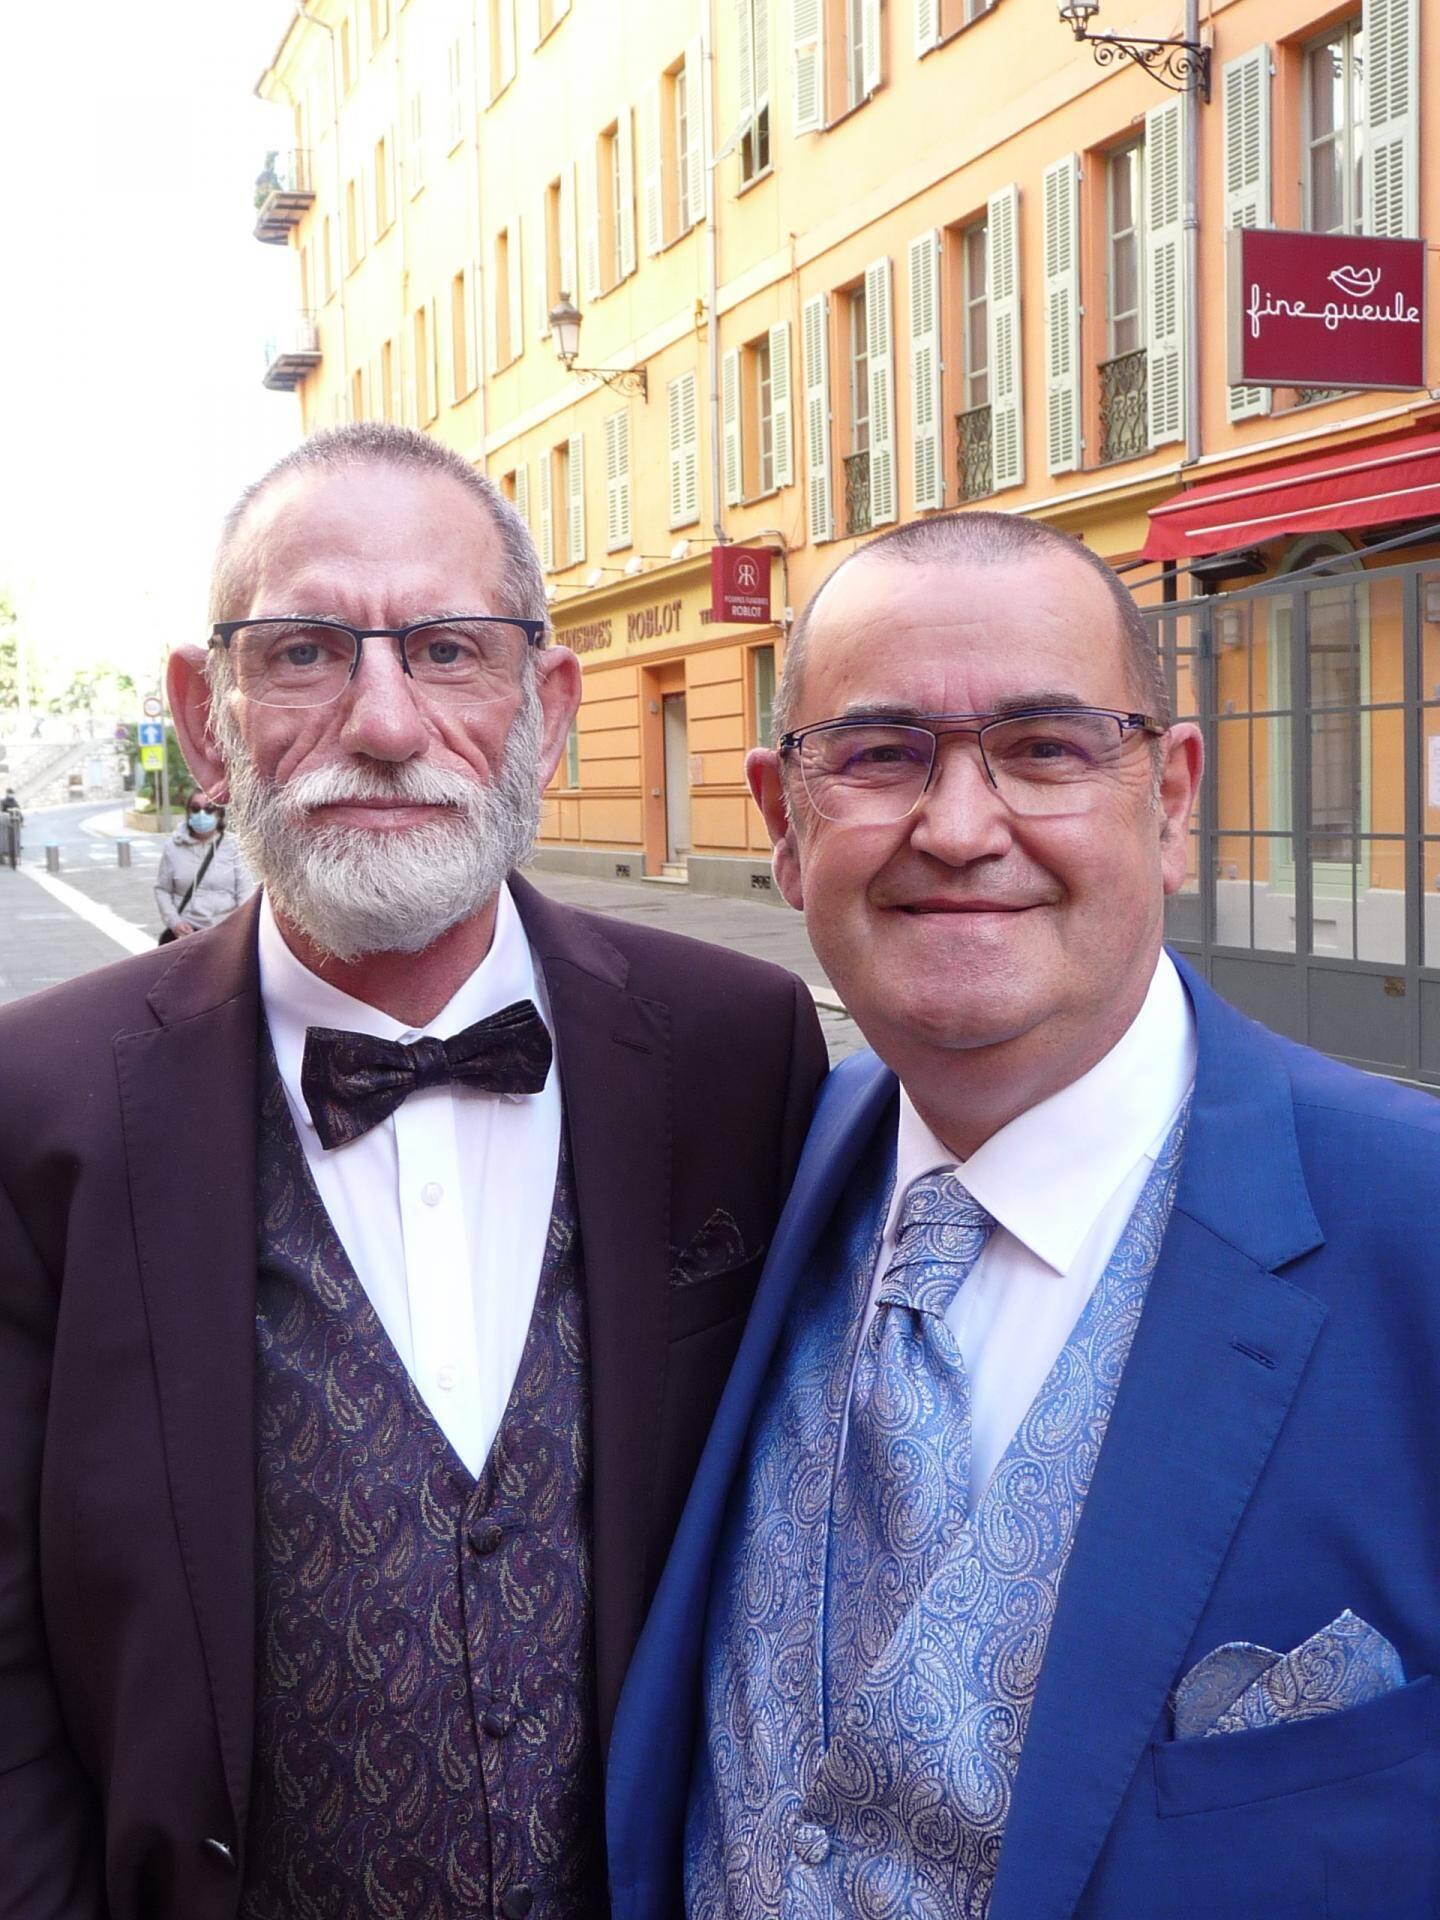 Fabrice Guillaume, agent territorial, et Jean-Luc Bouzéloc, retraité.